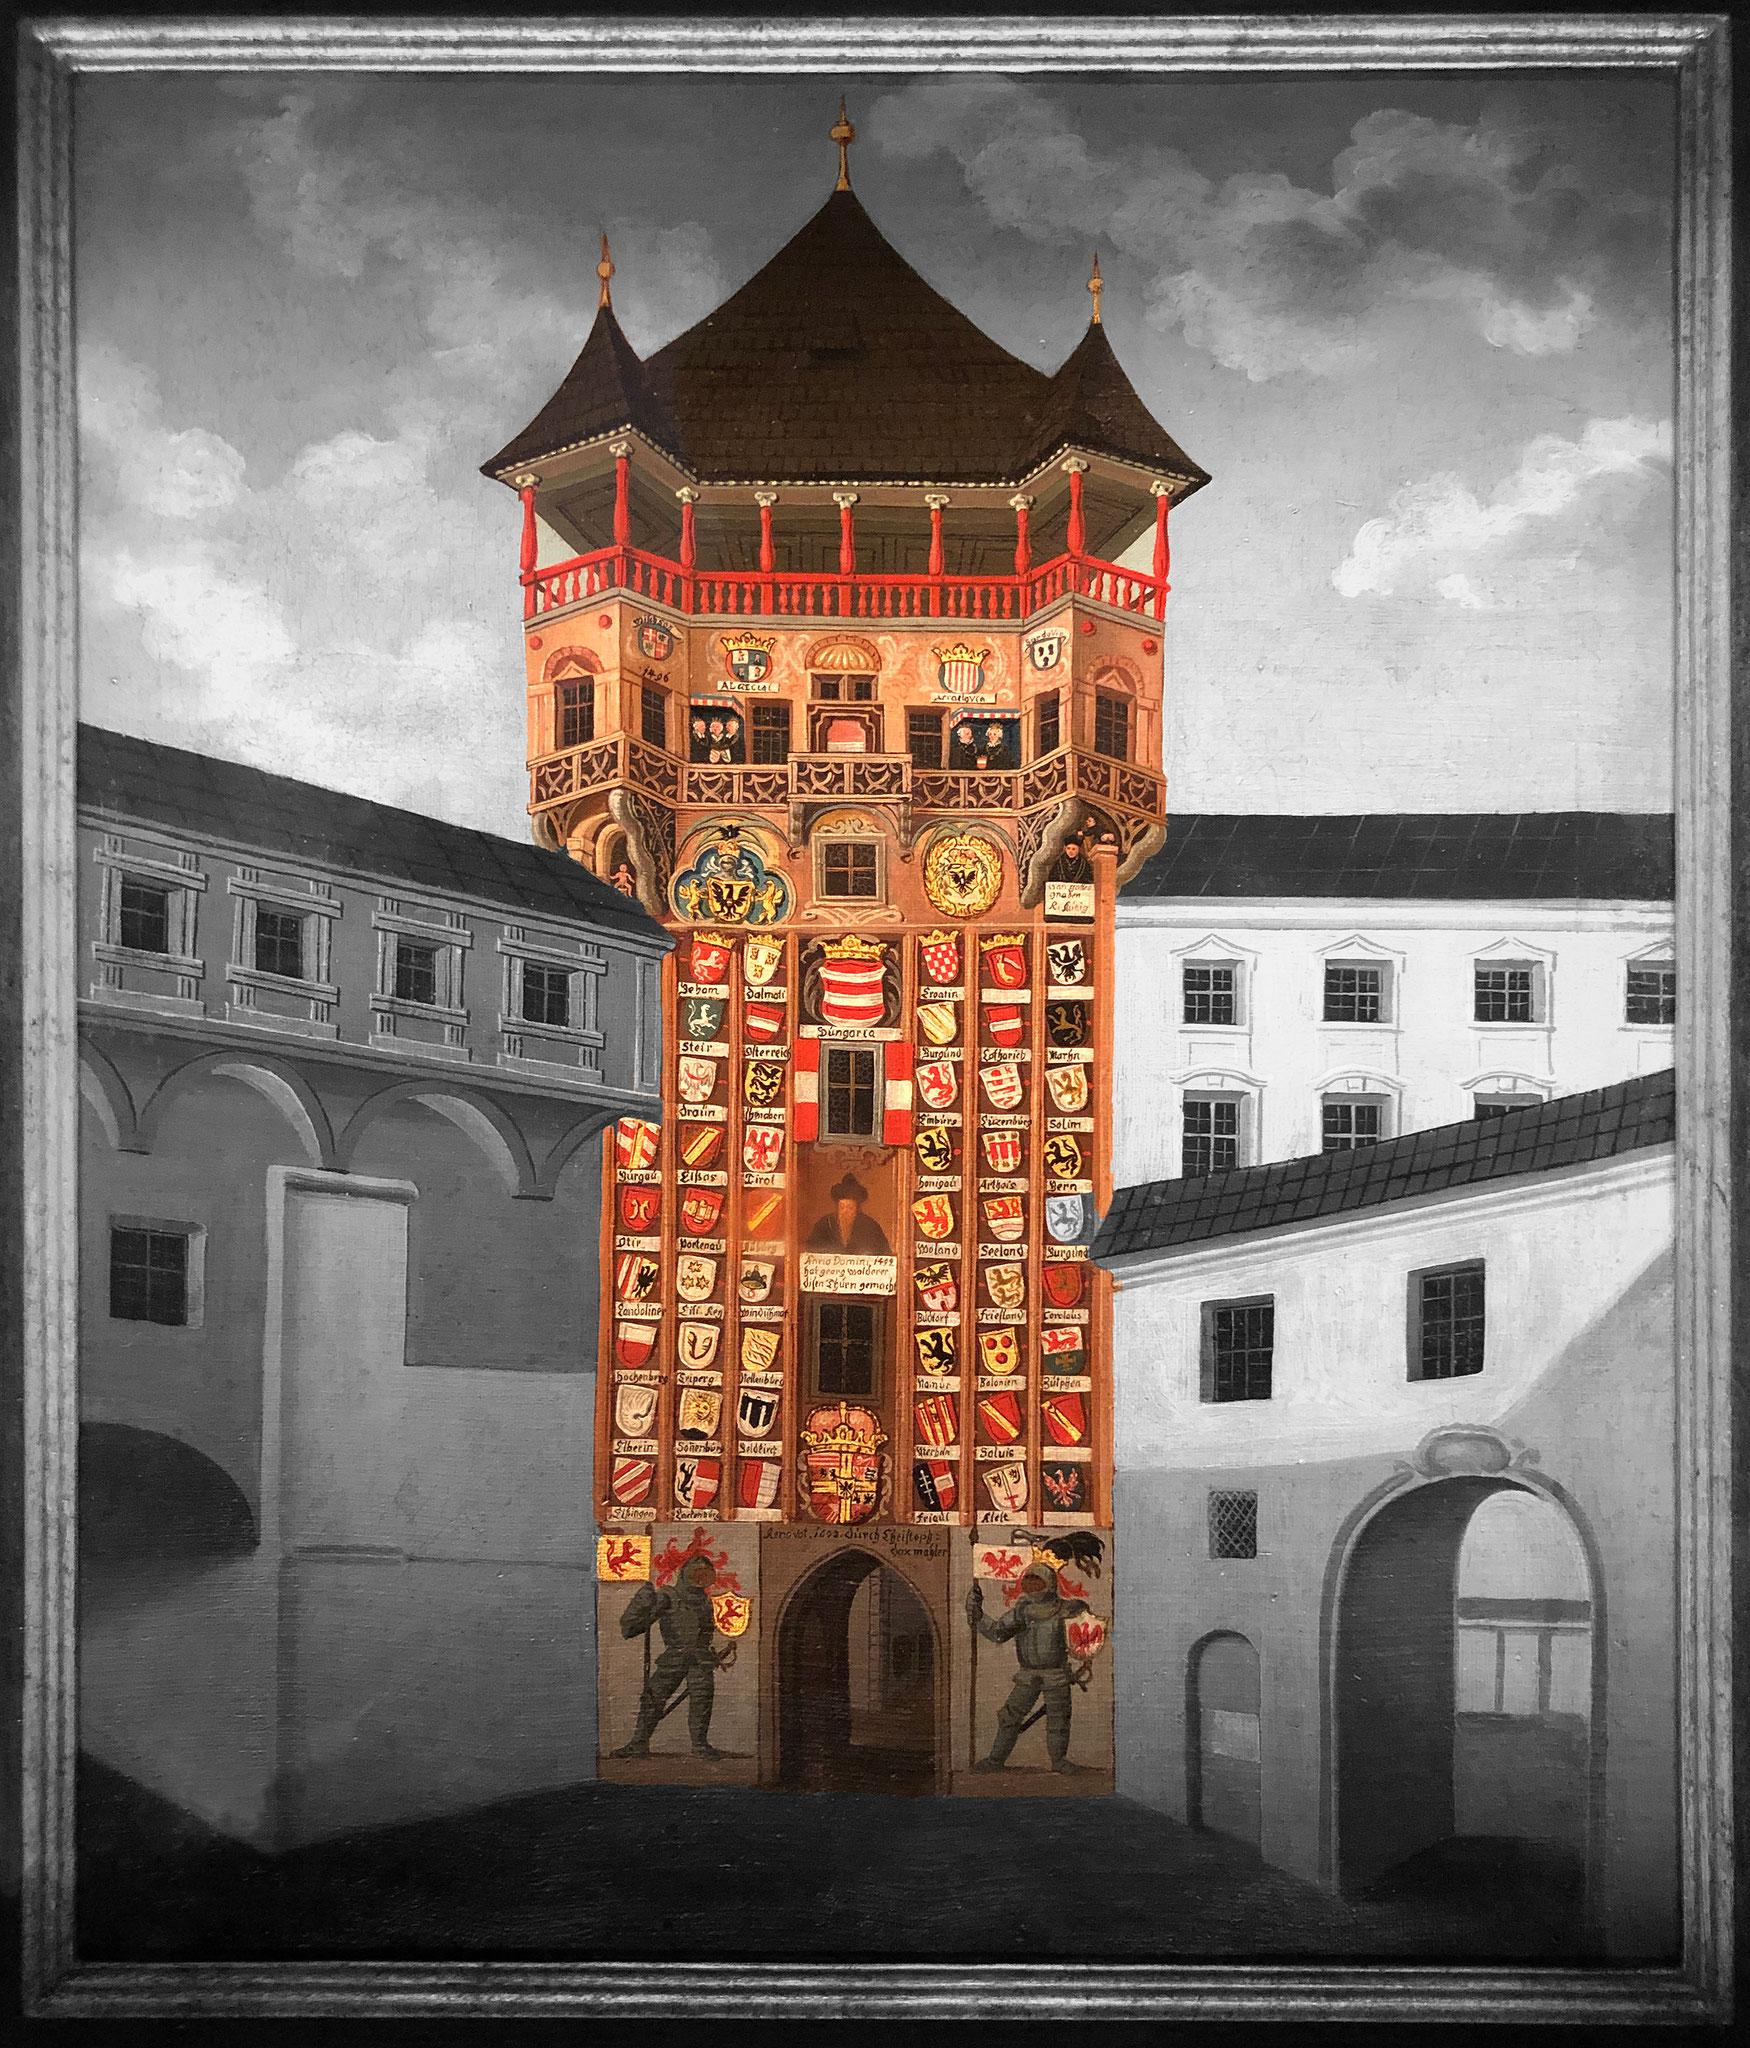 Wappenturm - erbaut 1492